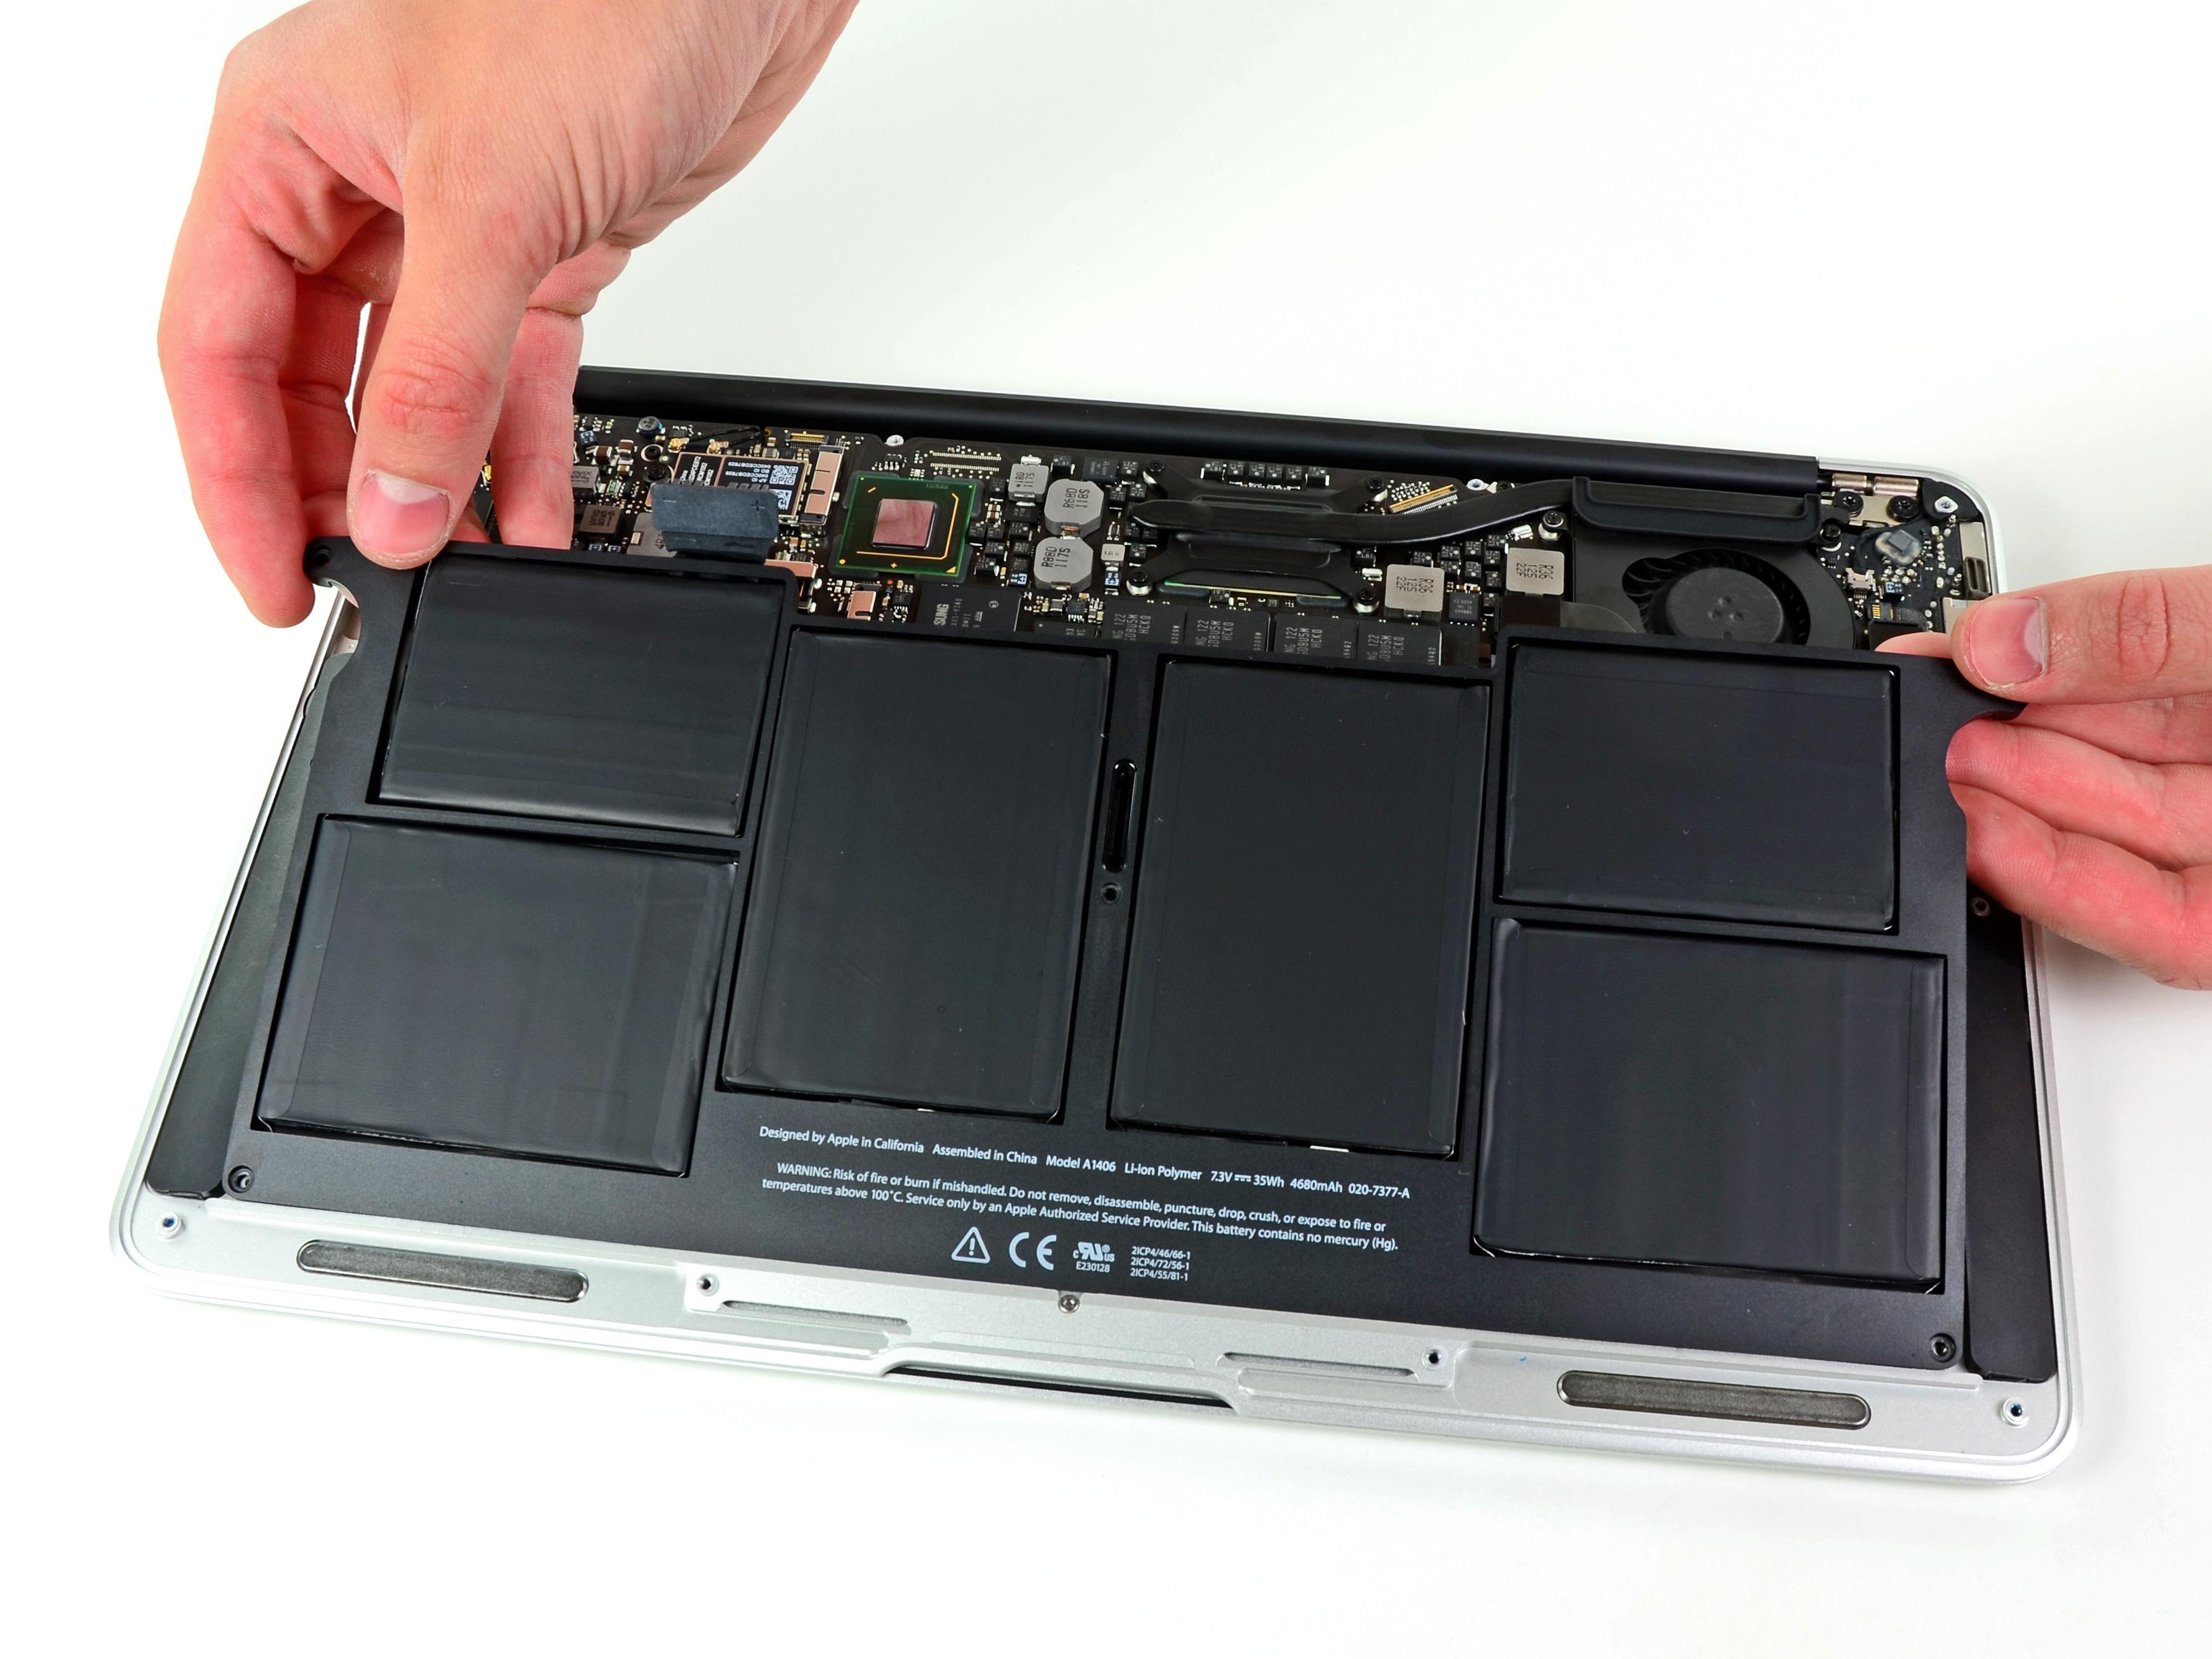 macbook air 11 mid 2012 repair ifixit rh ifixit com MacBook Air External Microphone MacBook Air Case with Screen